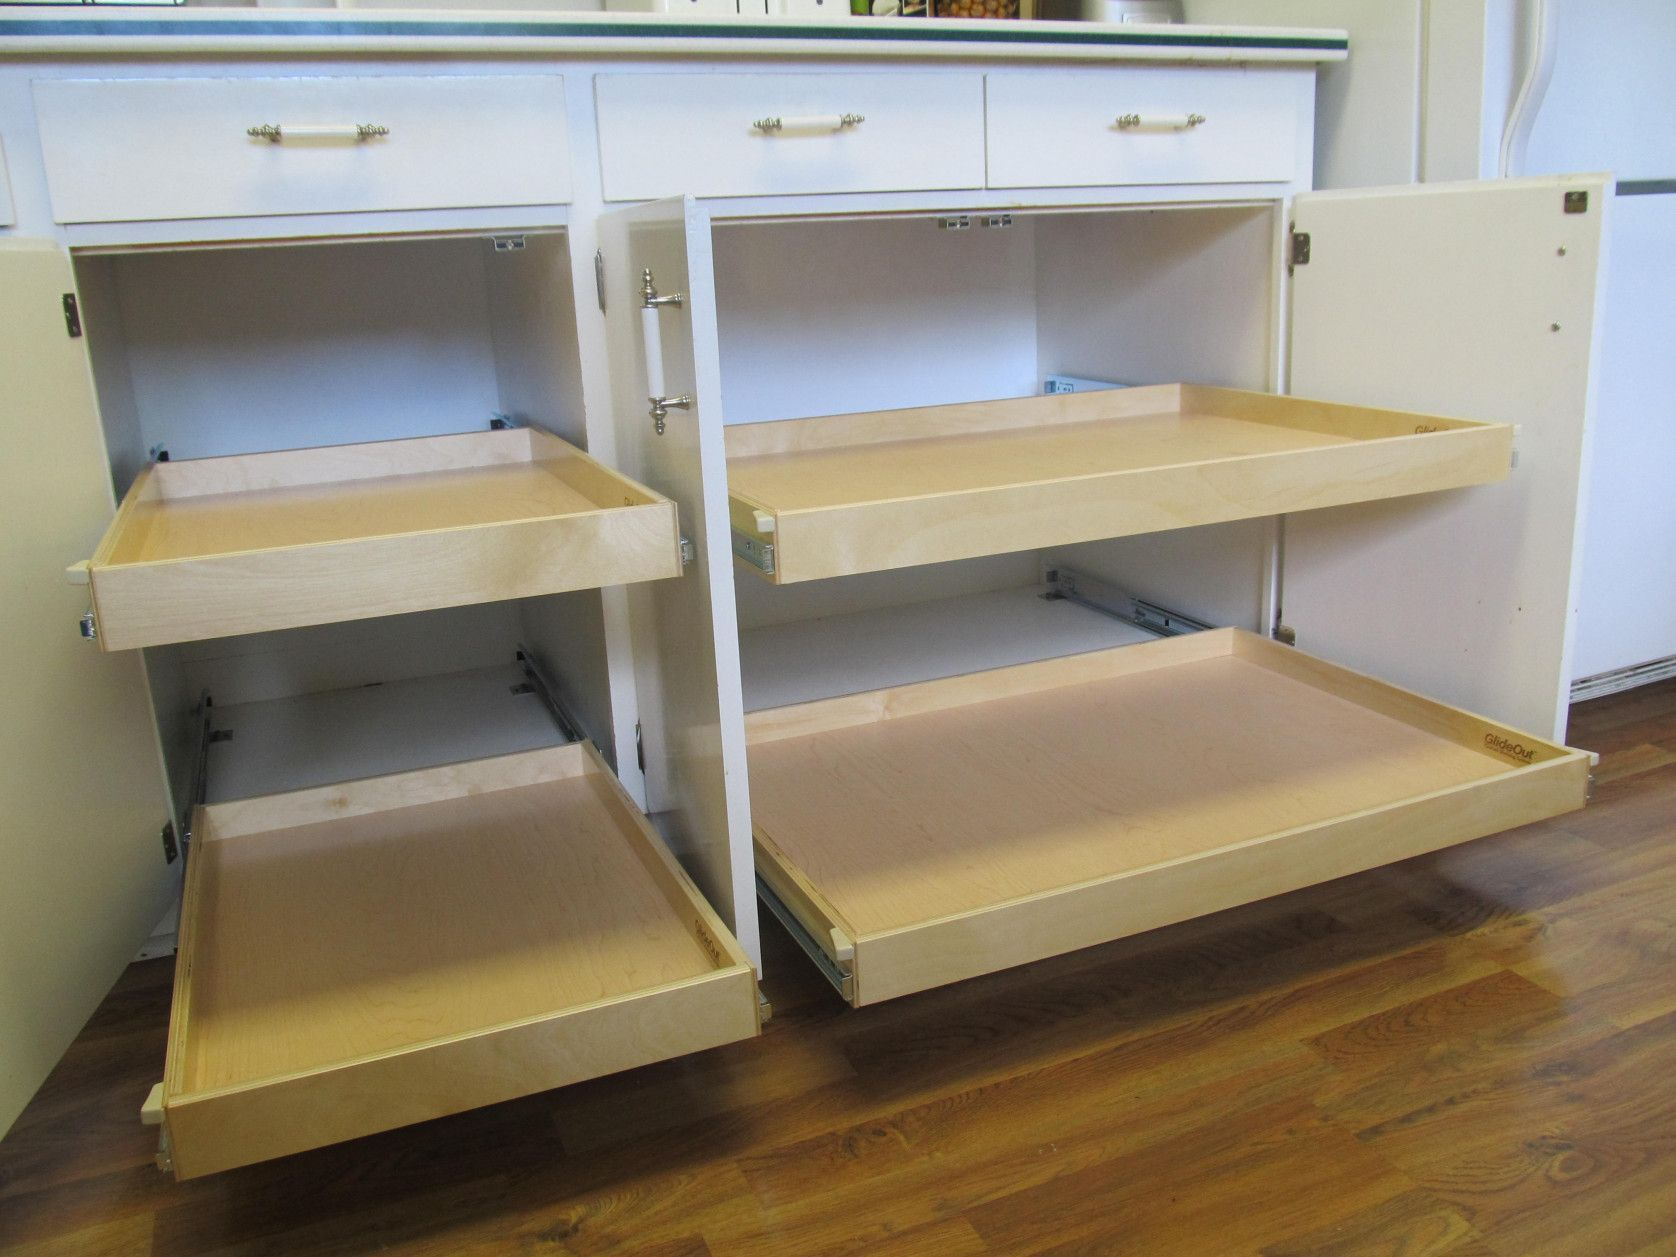 2019 Slide Out Racks For Kitchen Cabinets  Kitchen Shelf